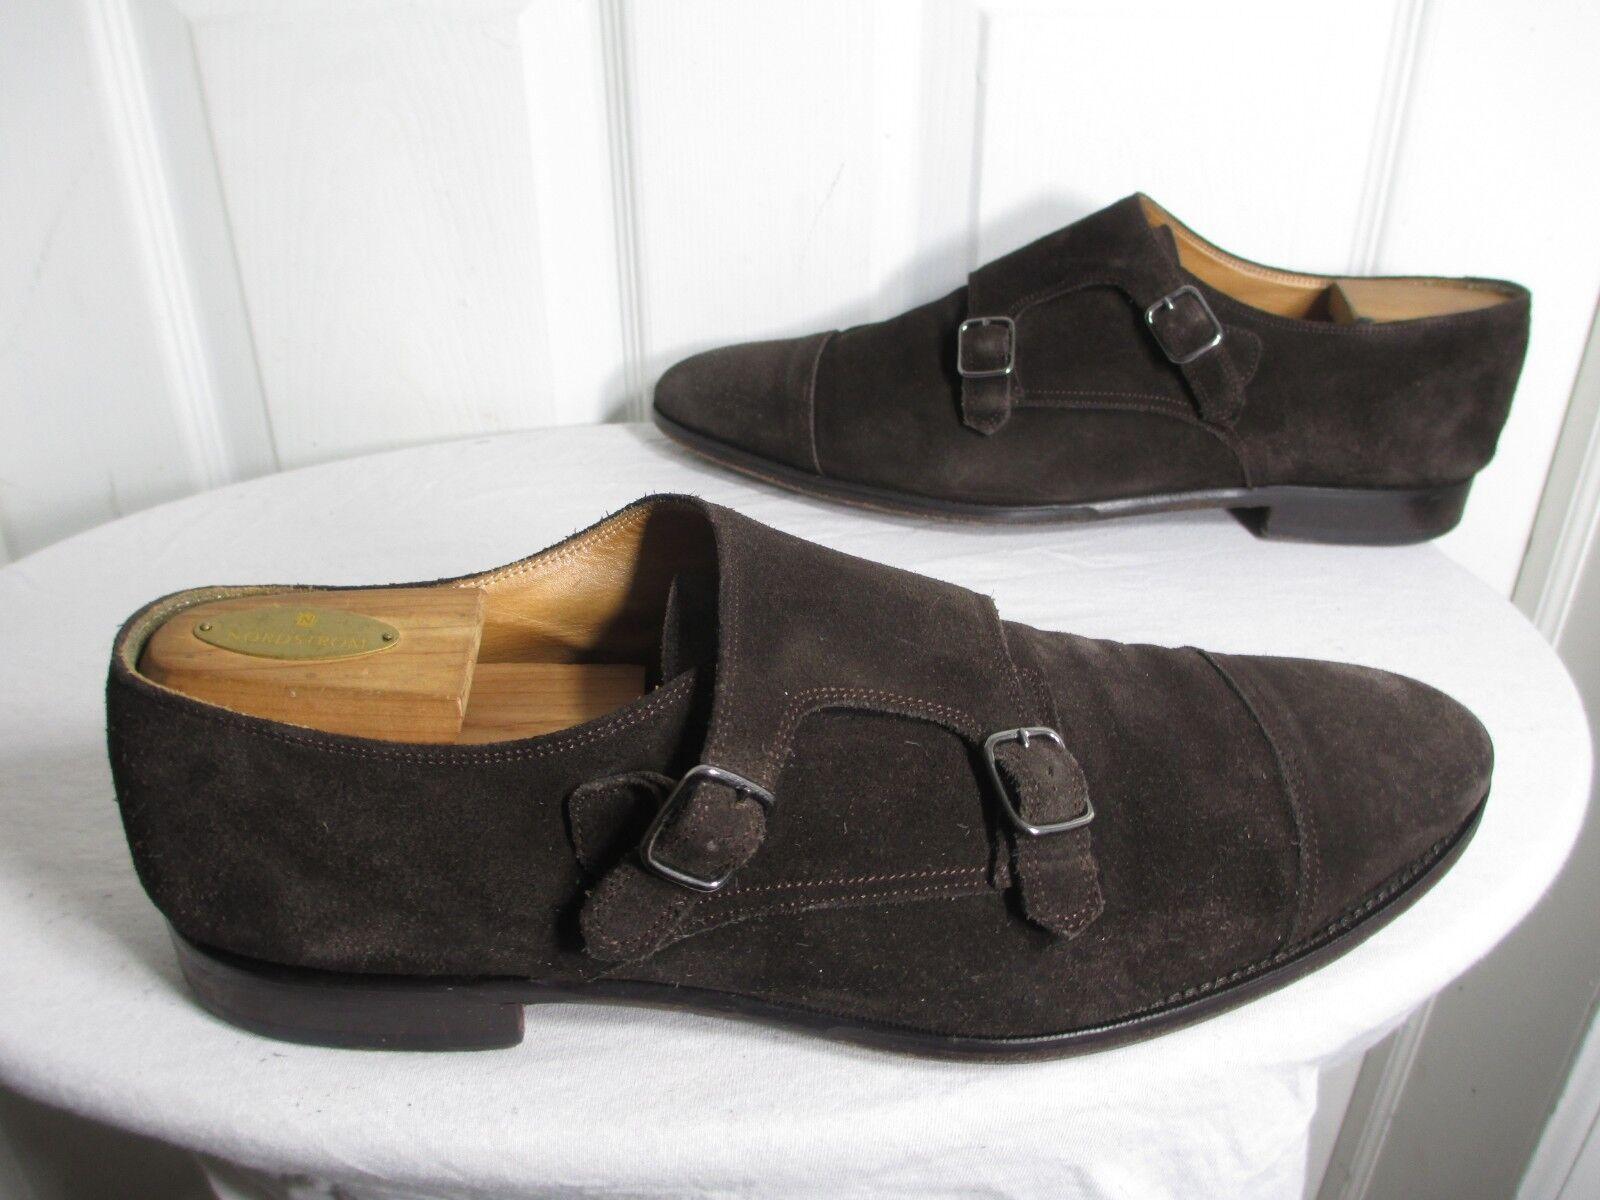 Suitsupply Doble Monje Correa Gamuza Marrón Para Hombres Zapatos nos 13 Hecho en Italia